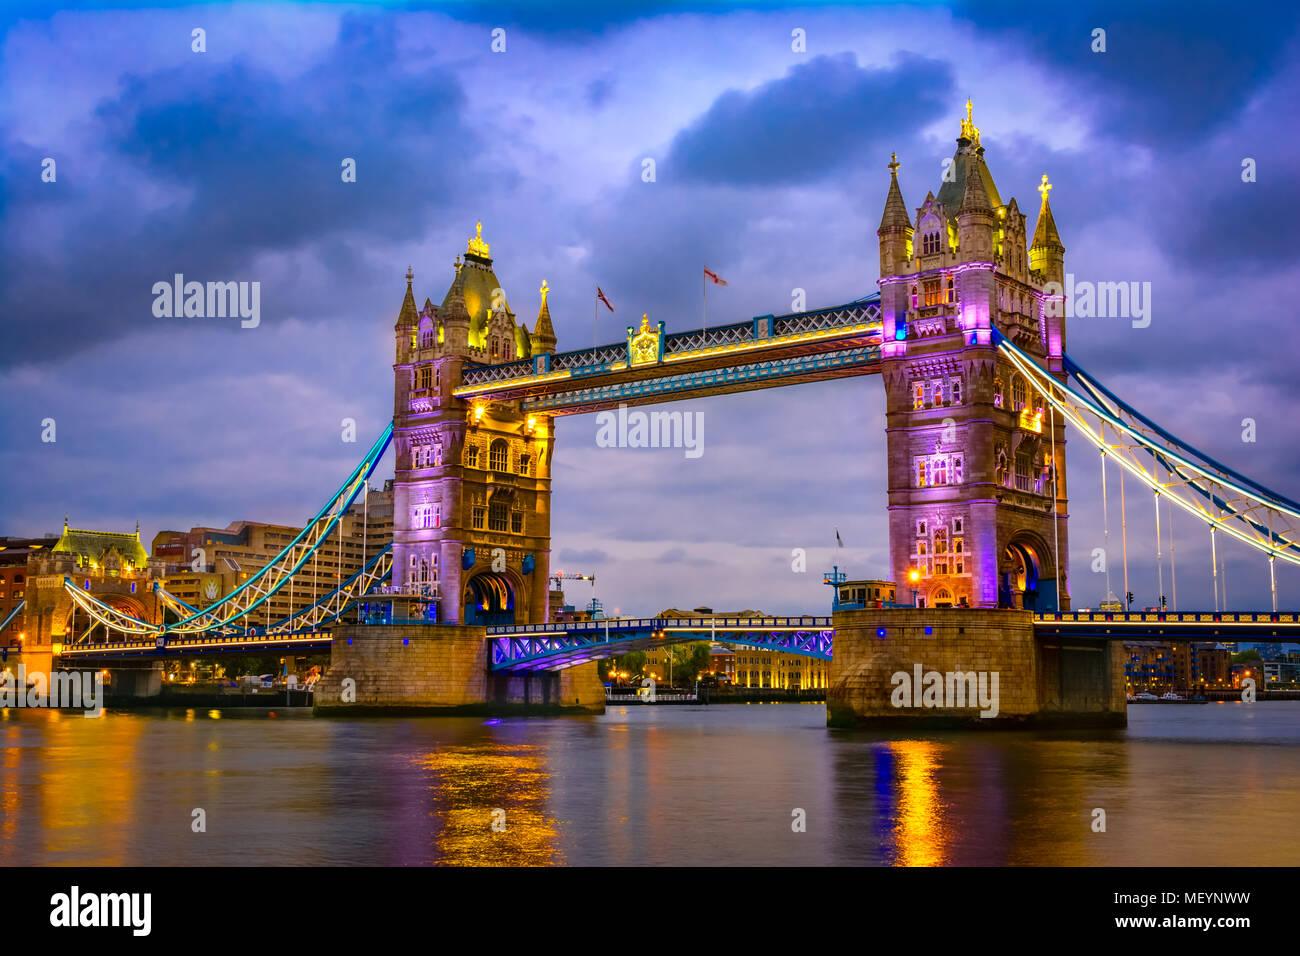 Londres, Reino Unido de Gran Bretaña: vista de noche de la torre del puente después de la puesta del sol Imagen De Stock